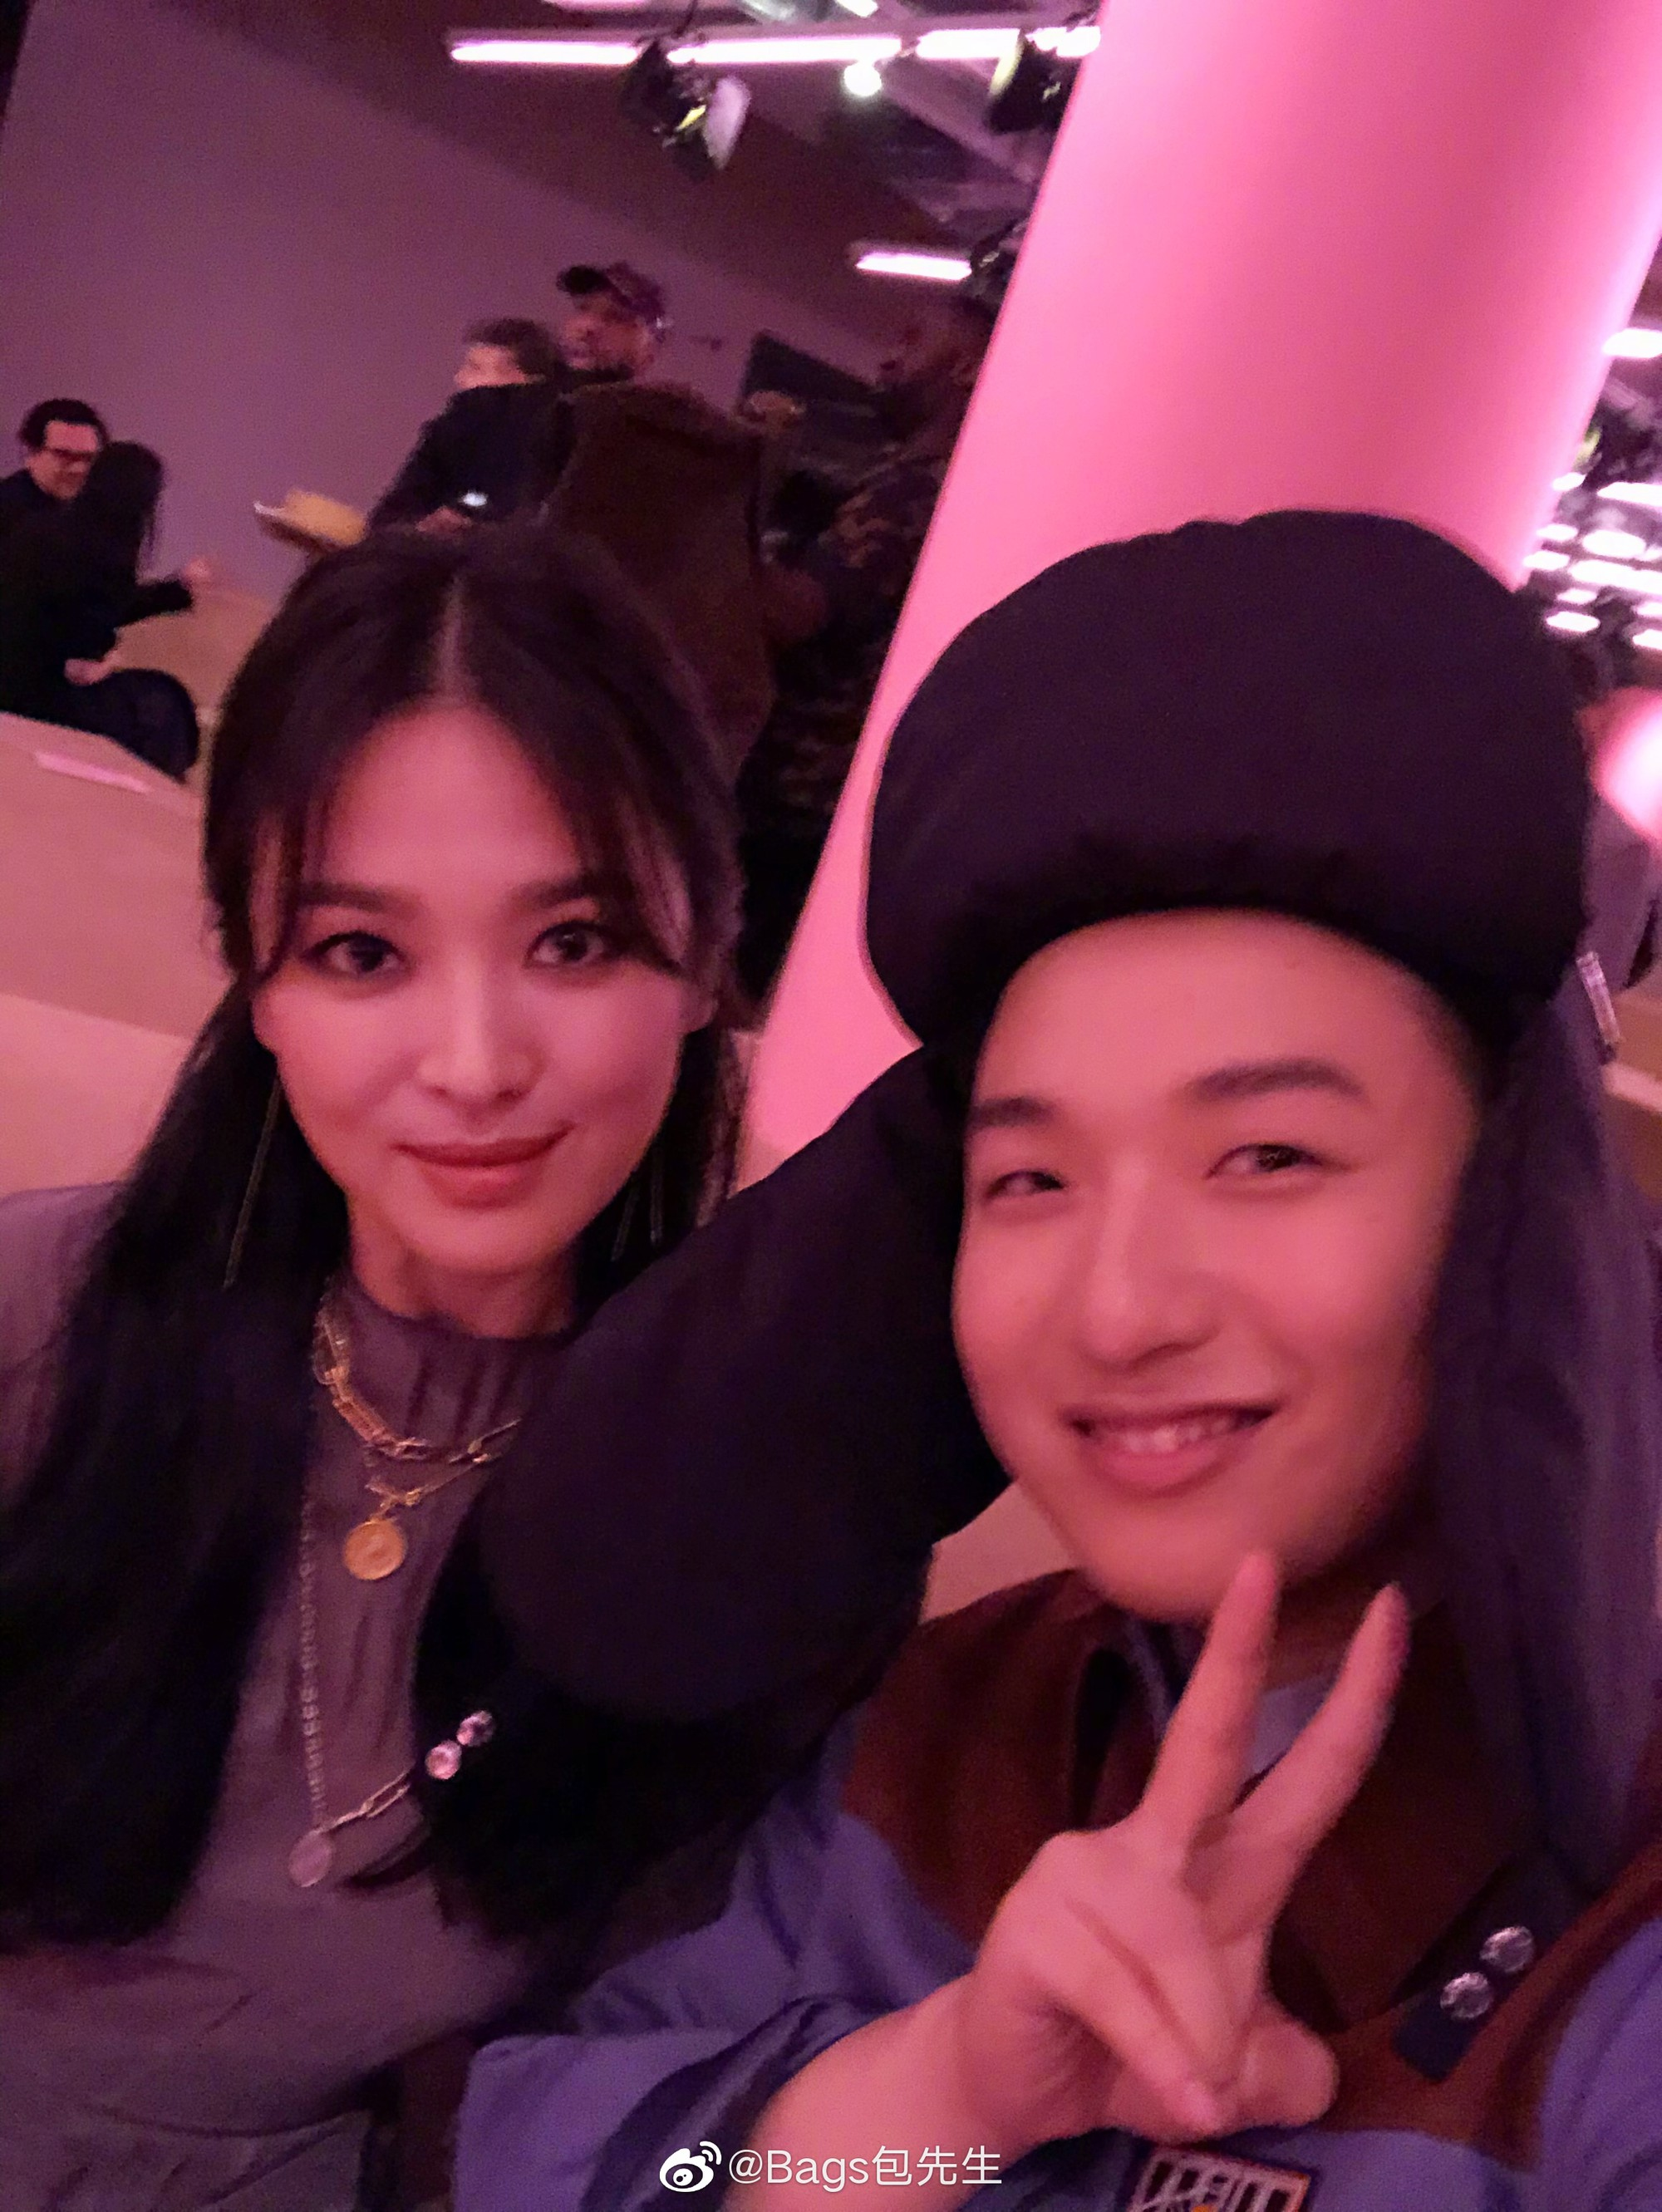 Ảnh chụp vội góc nghiêng của Song Hye Kyo tại New York: Quá xuất sắc, nhưng lại vênh với ảnh sự kiện? - Ảnh 4.